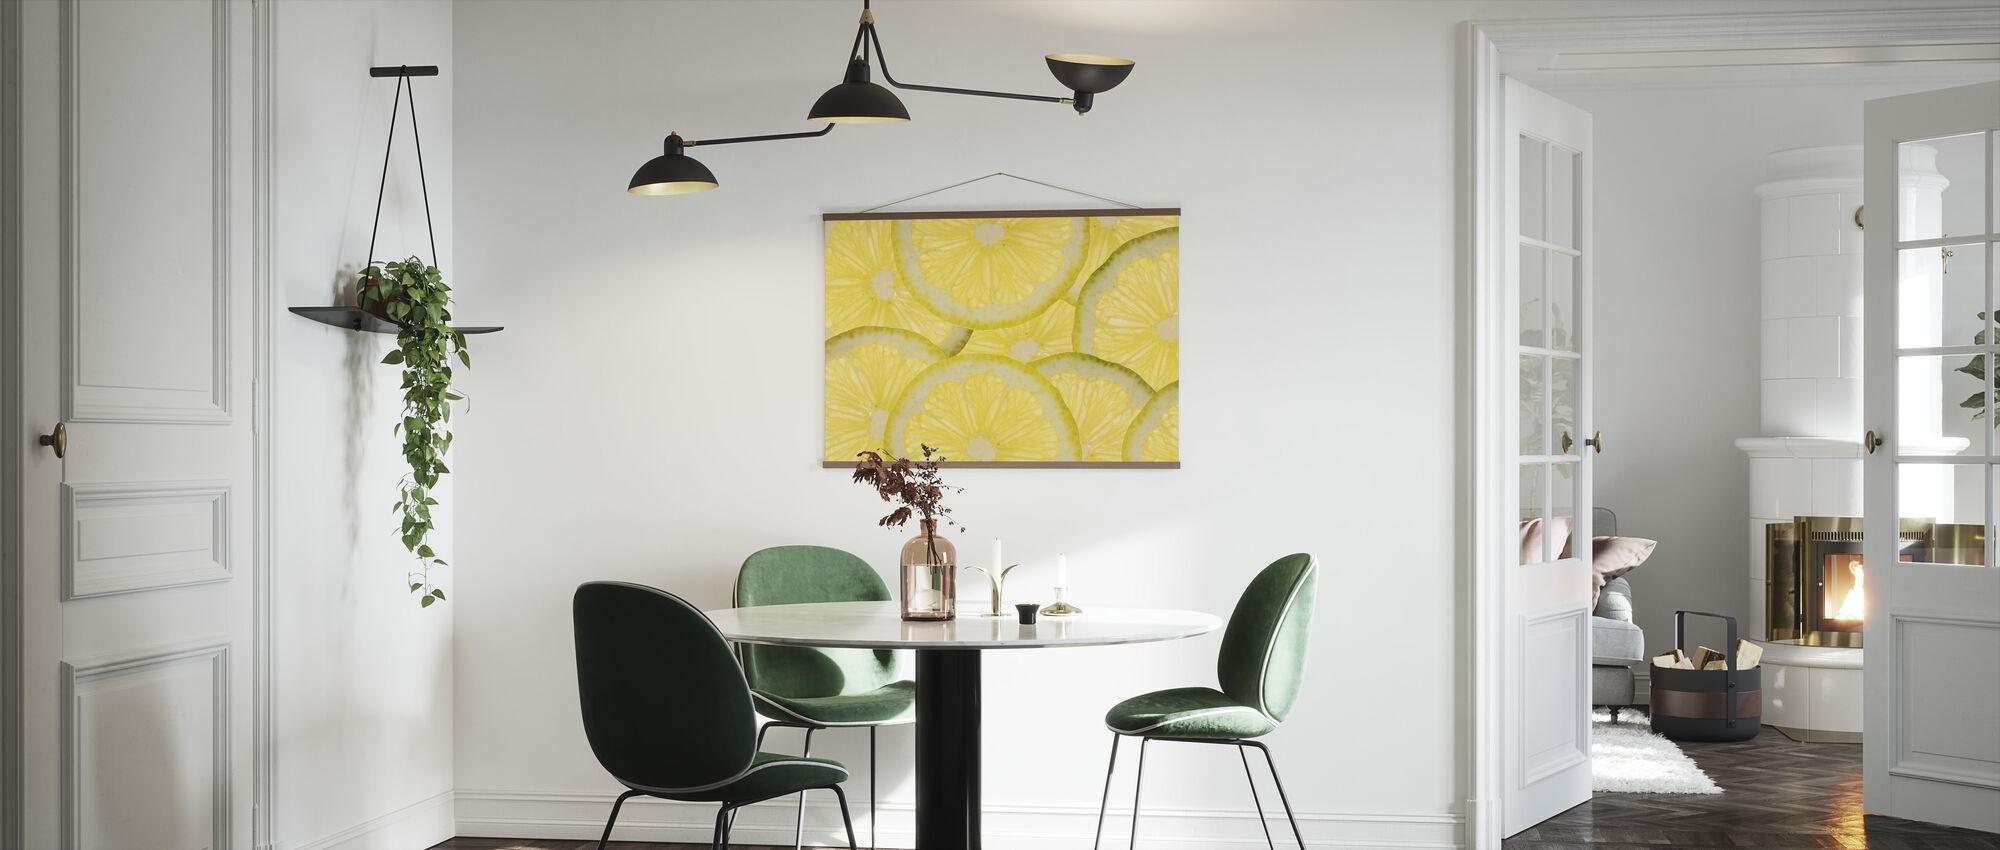 Sliced Lemons - Poster - Kitchen